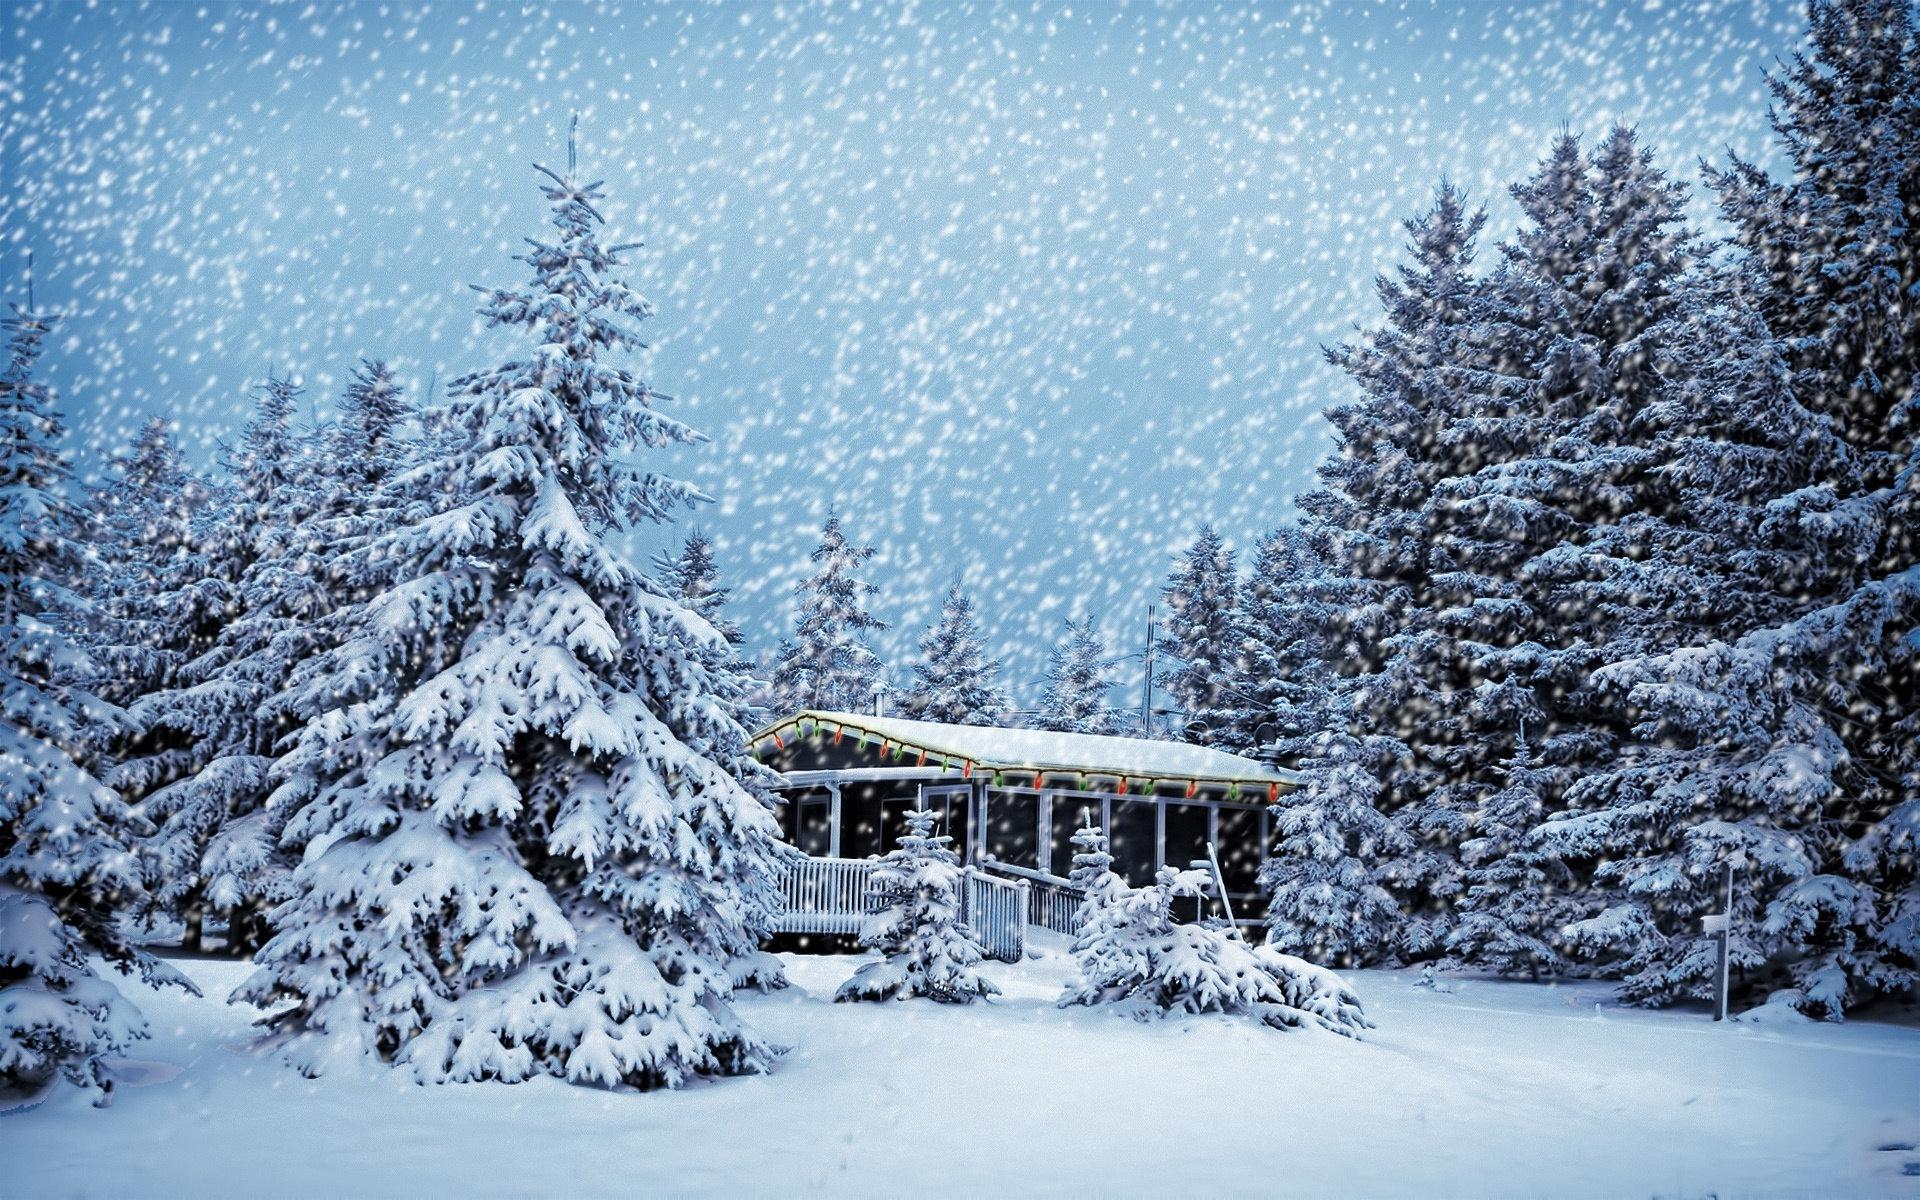 самары красивые картинки новый год зима обои гимнастки тех